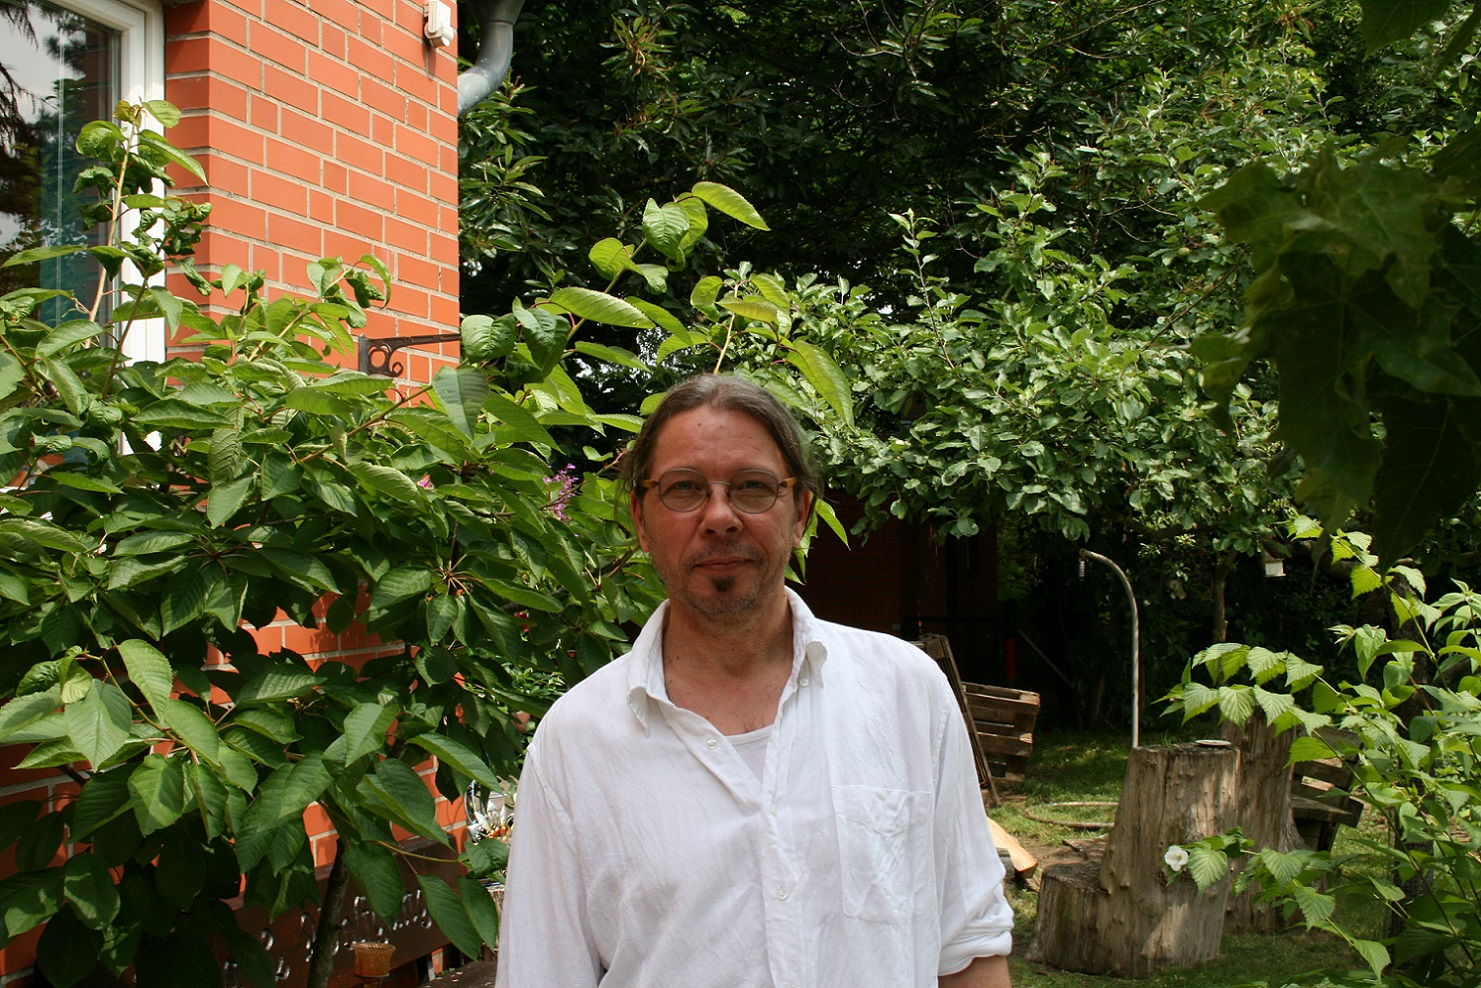 Le interviste di Marta Lock: Wolfgang Müller, il fascino delle realtà improbabili